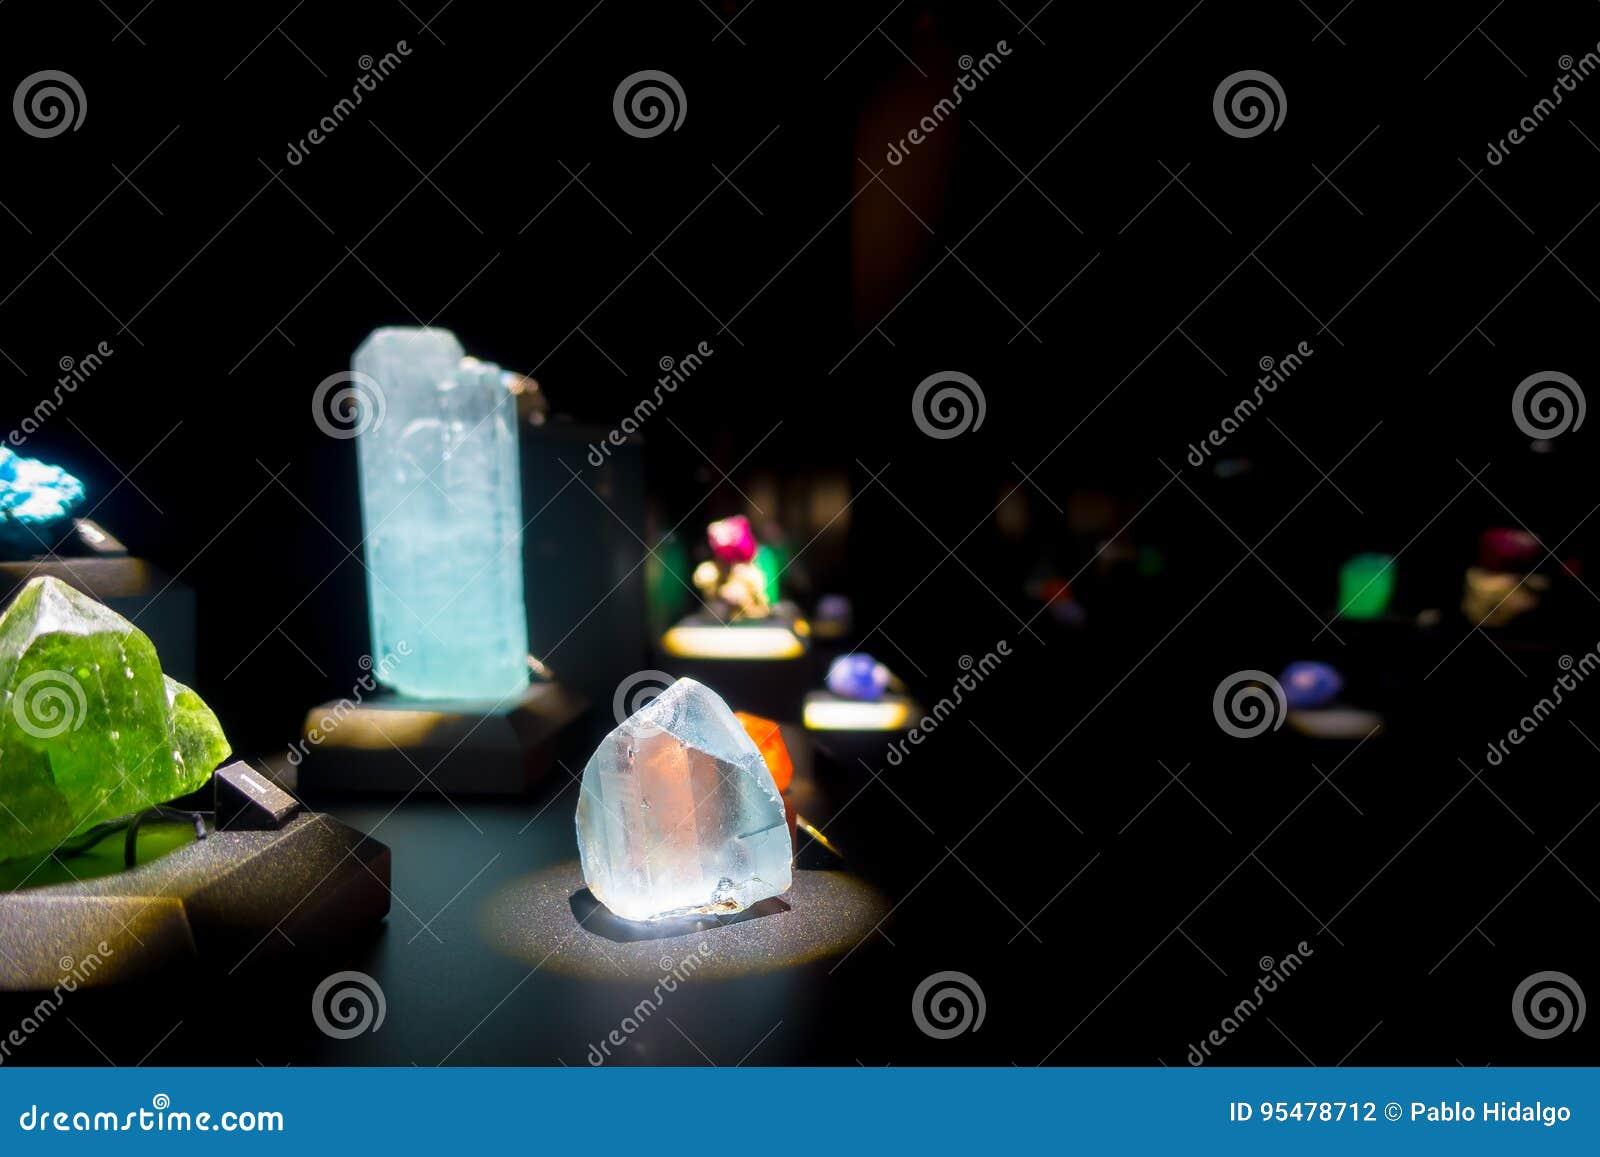 Piękny cristal z kopalinami przy muzeum narodowym Naturalna nauka w Orlando Houston w usa, w czarnym tle